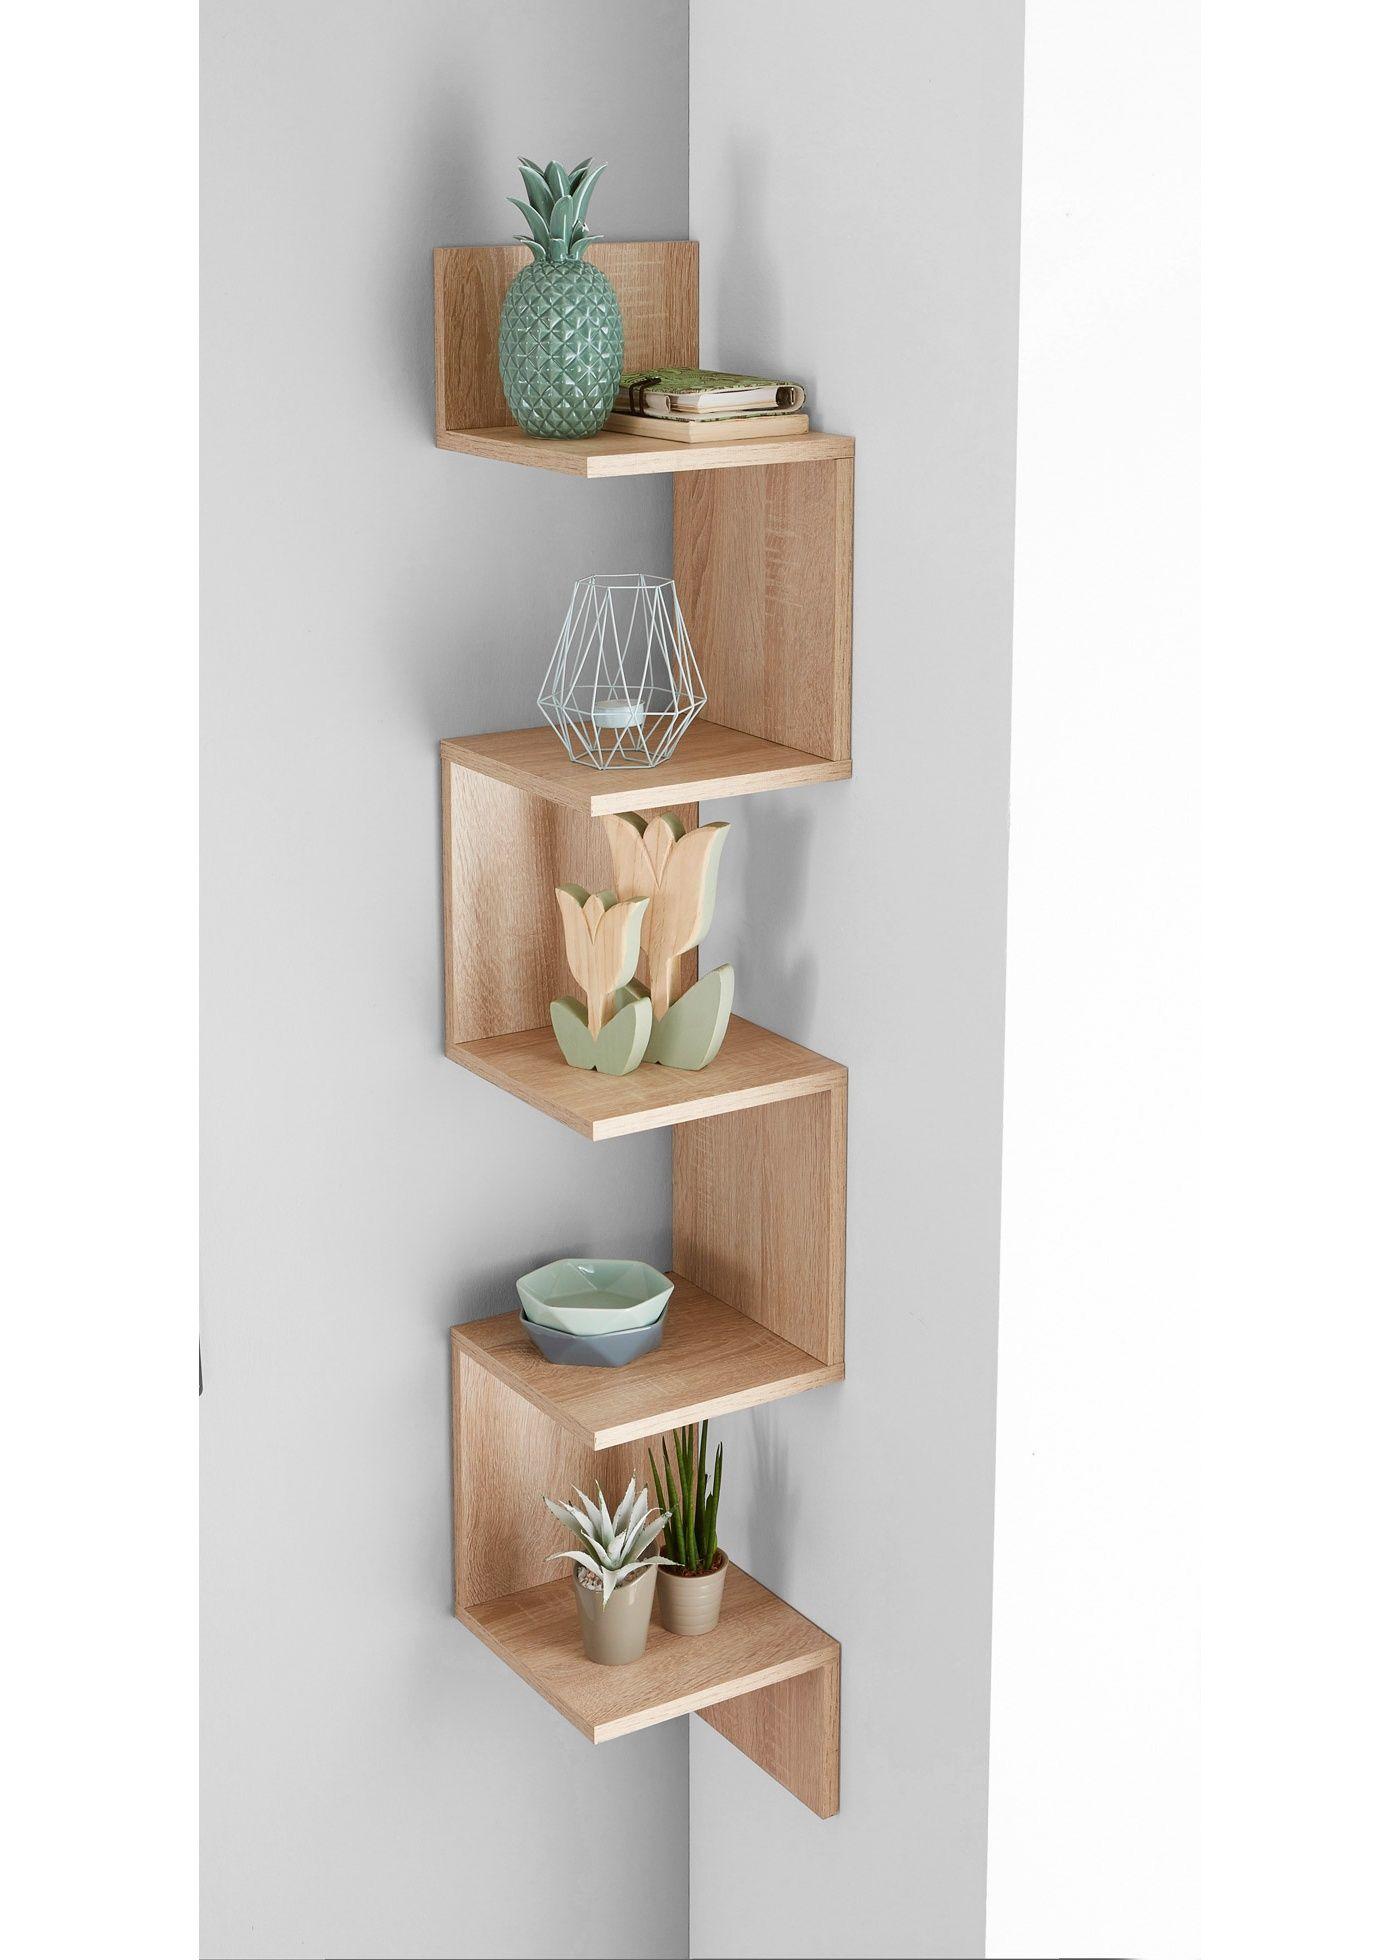 eckregal rico sonoma eiche bpc living jetzt im online shop von ab 79 99. Black Bedroom Furniture Sets. Home Design Ideas